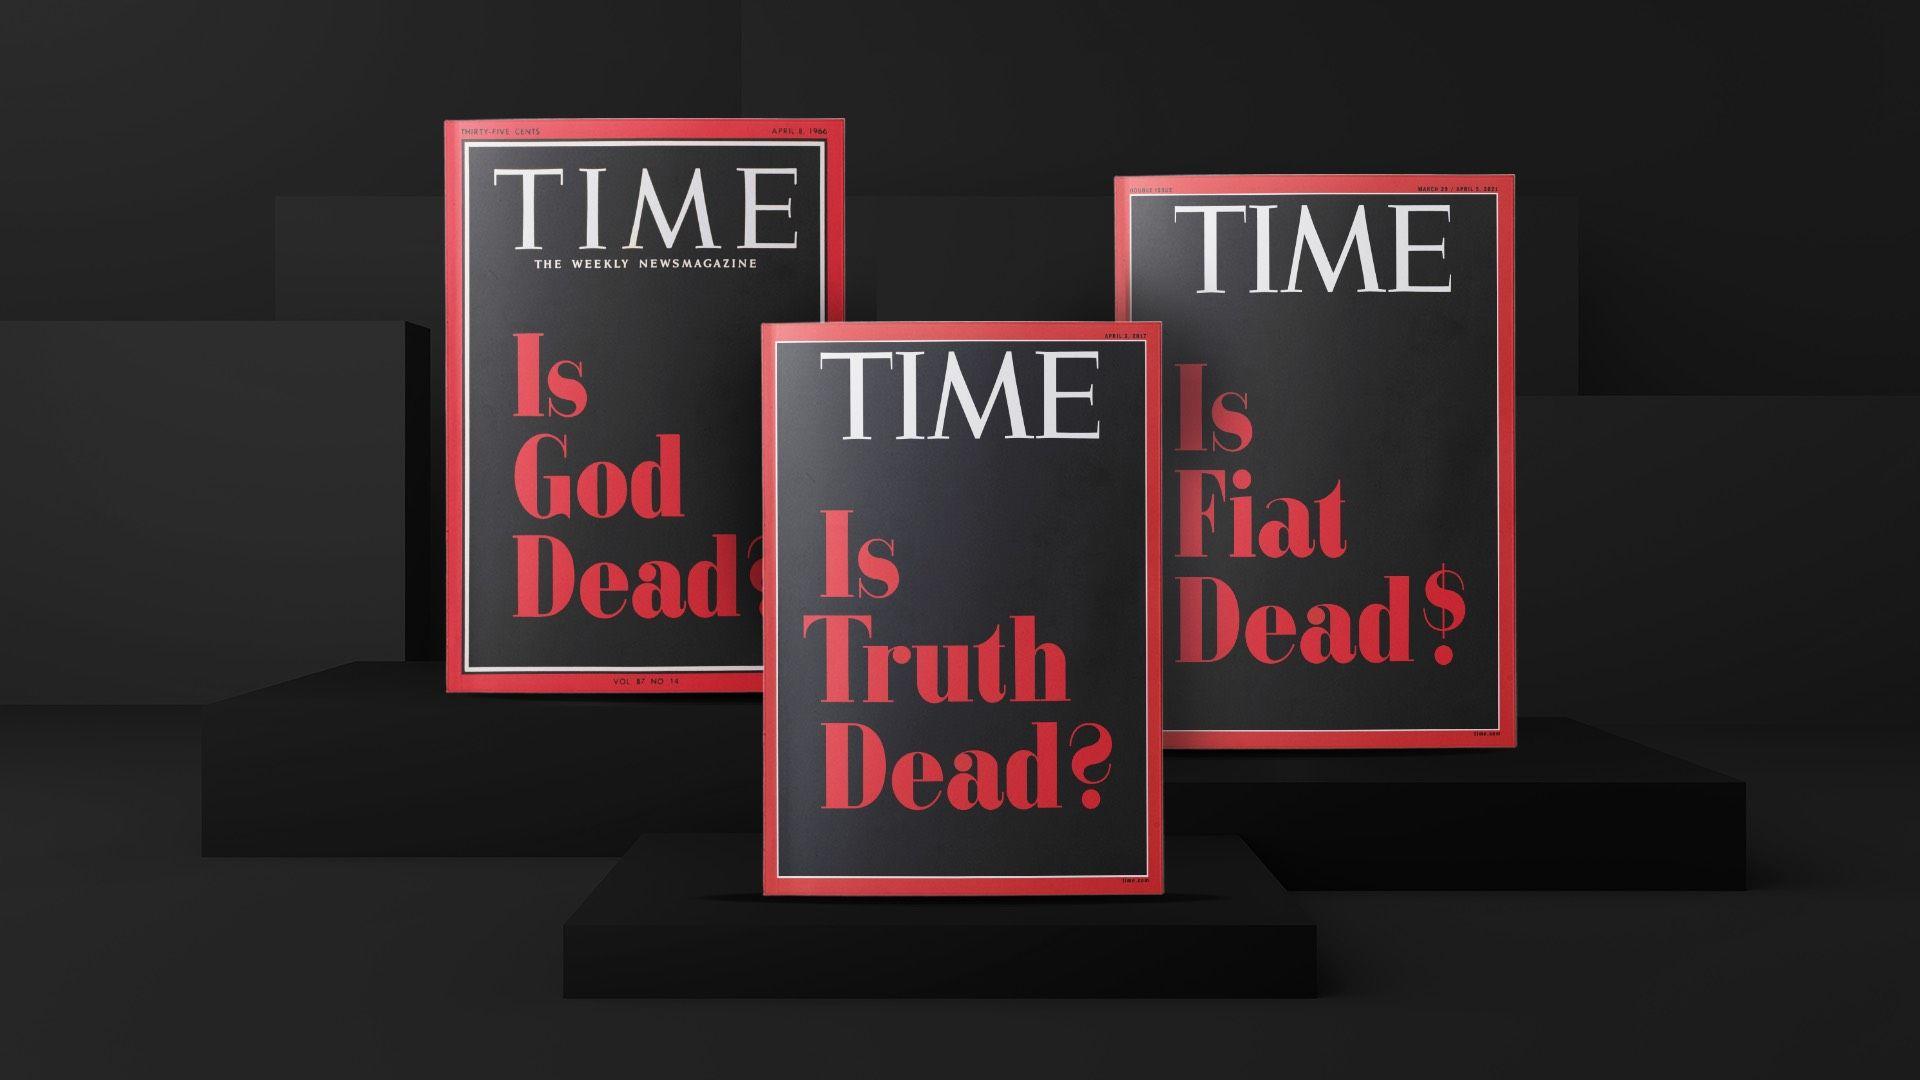 Time виставив на аукціон три обкладинки із найважливішими  запитаннями за всю історію журналу